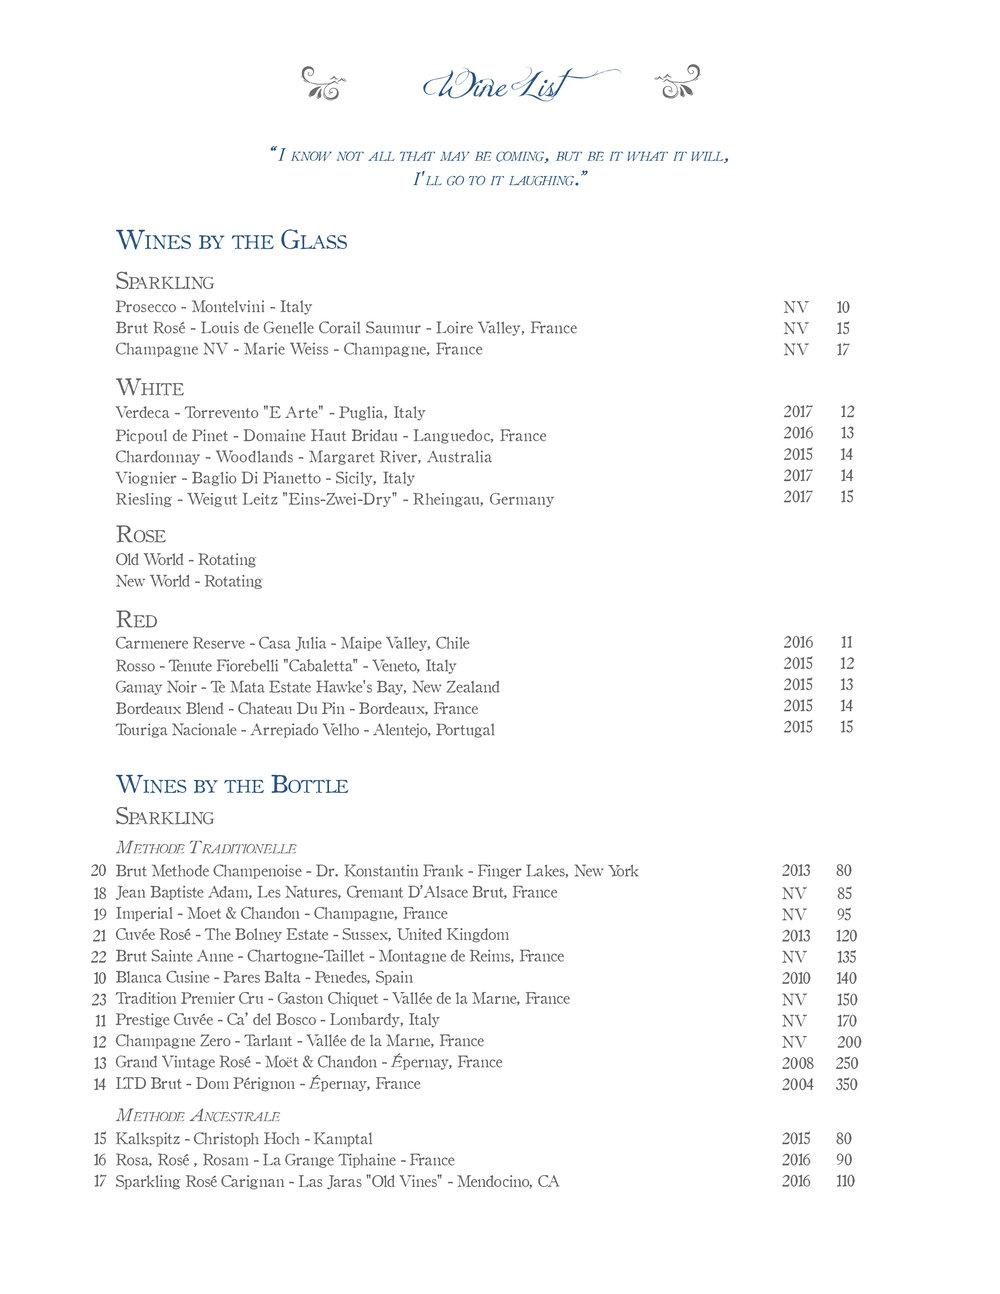 oTW_WineList-Page1-btg-01.jpg